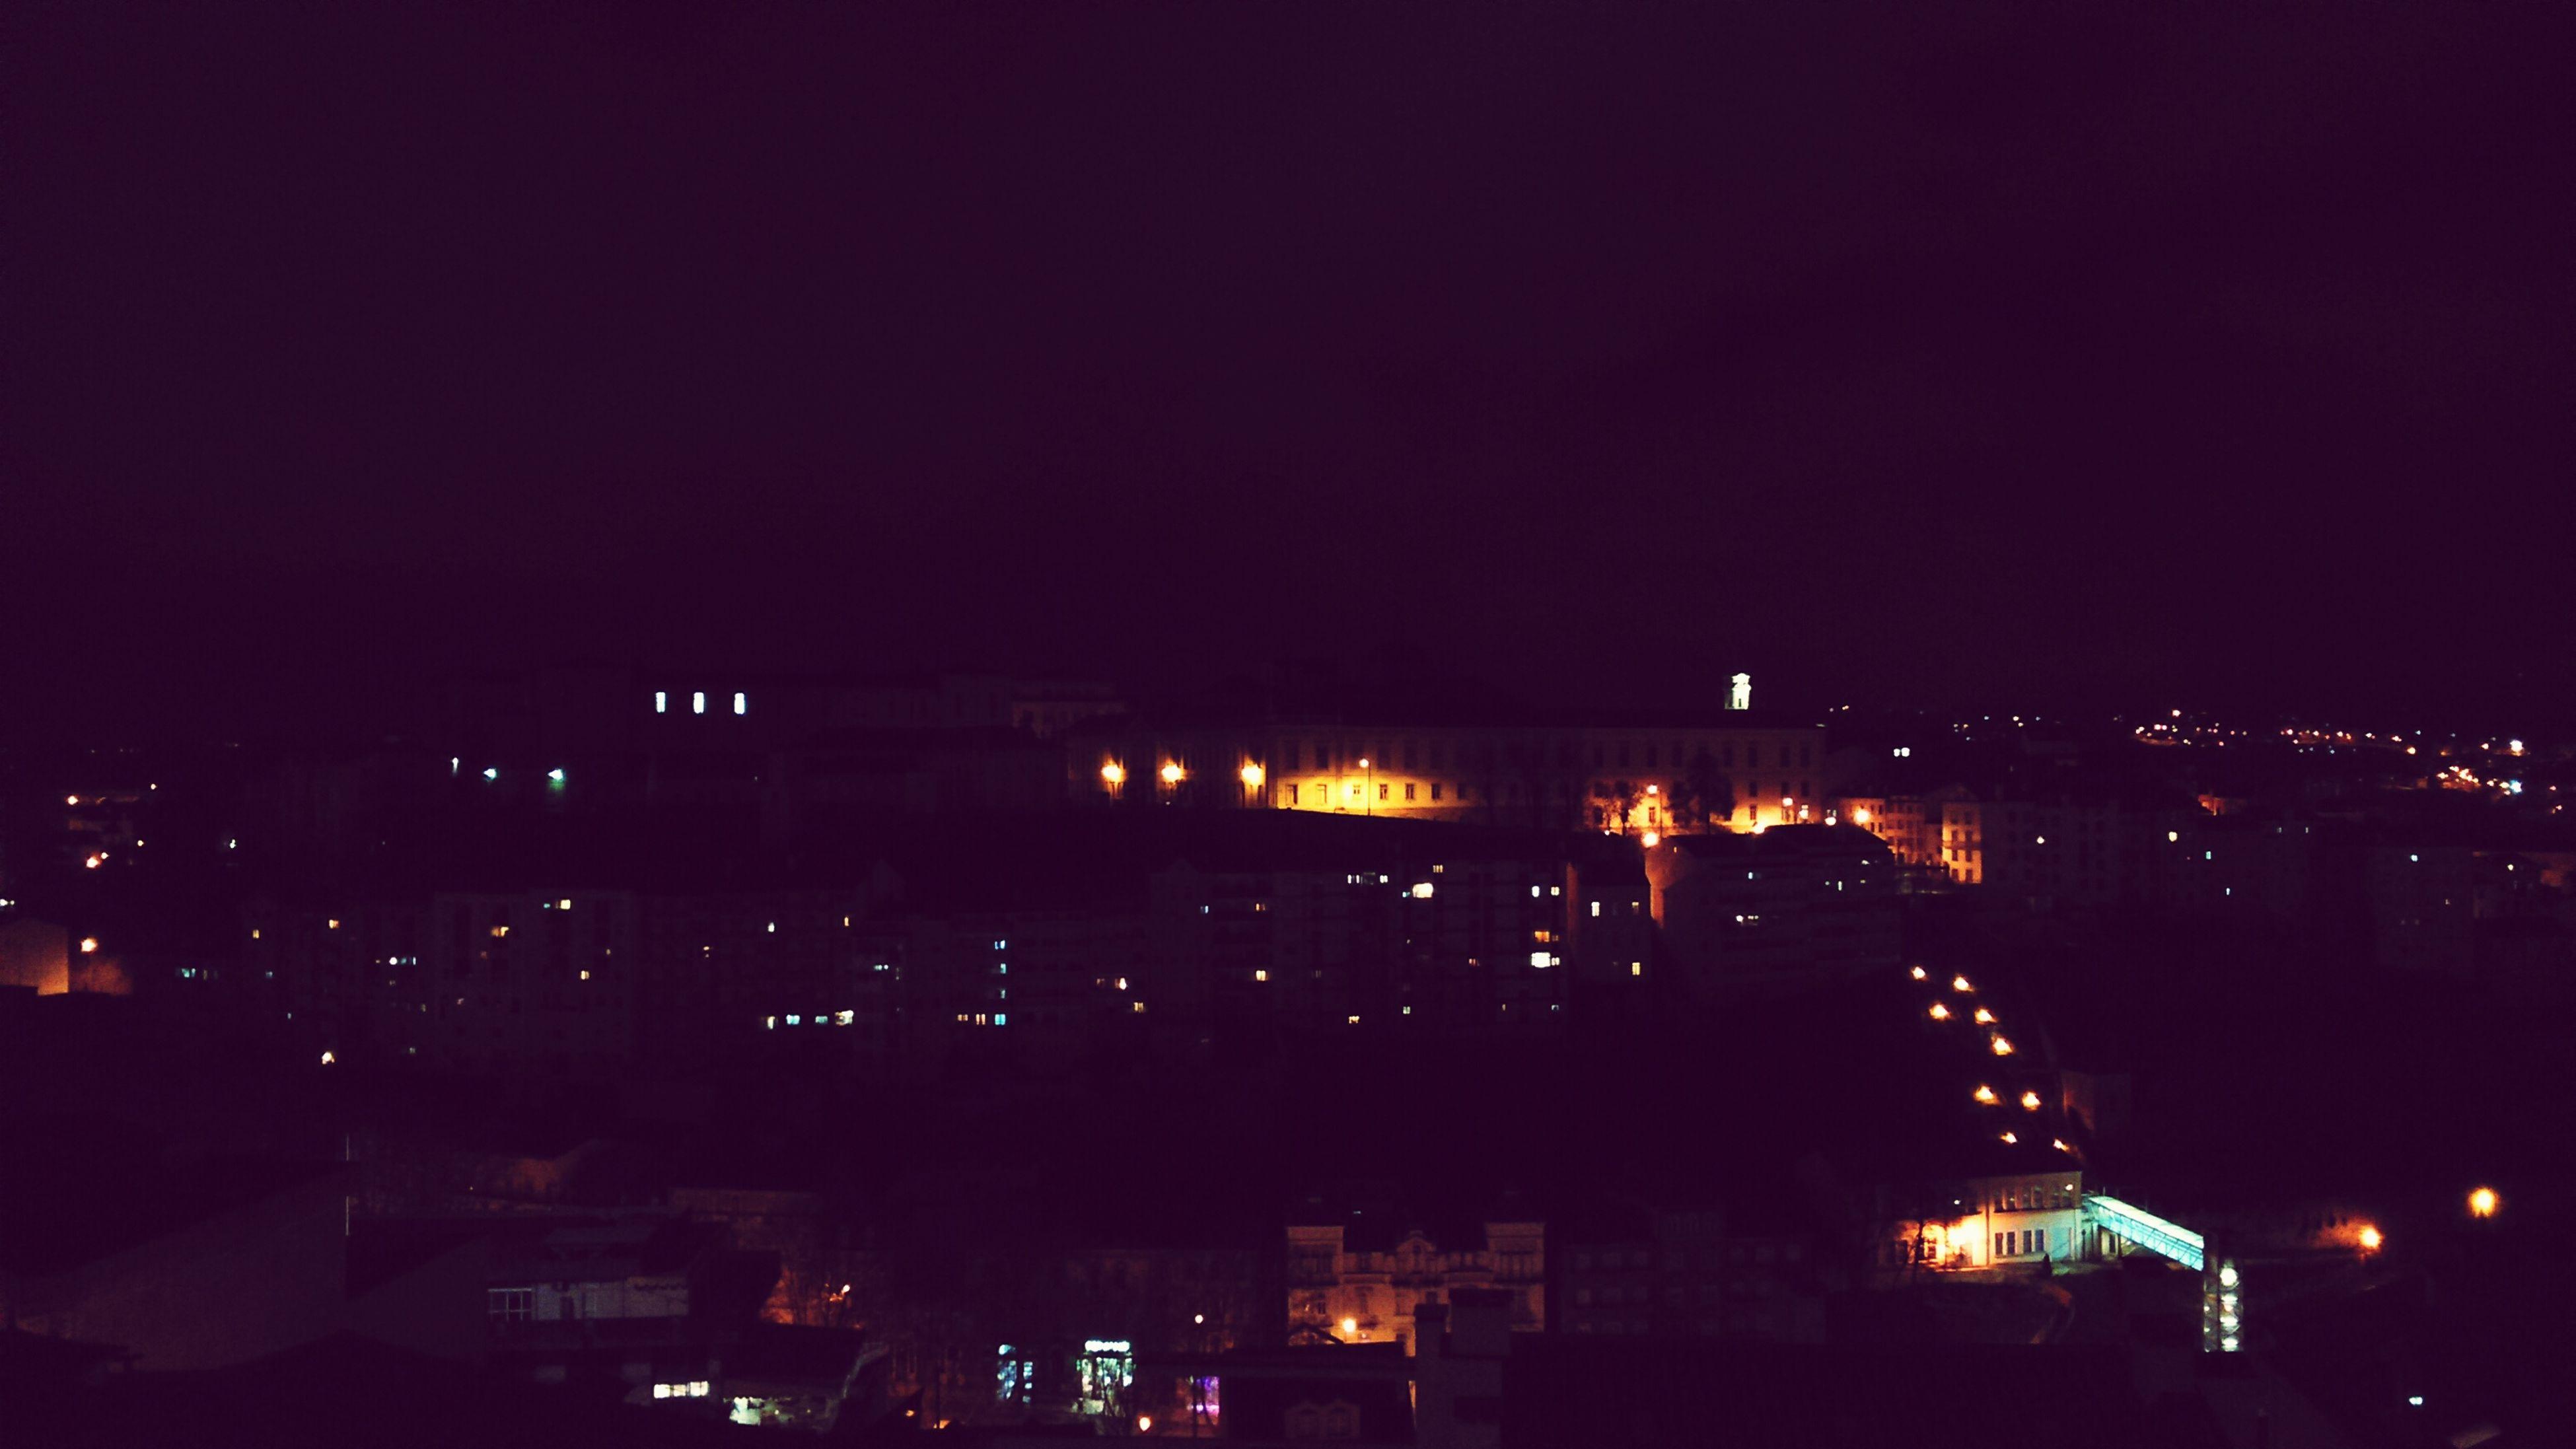 Universidade Coimbra  Nightphotography Relax instagram.com/tiagofilipefigueiredo